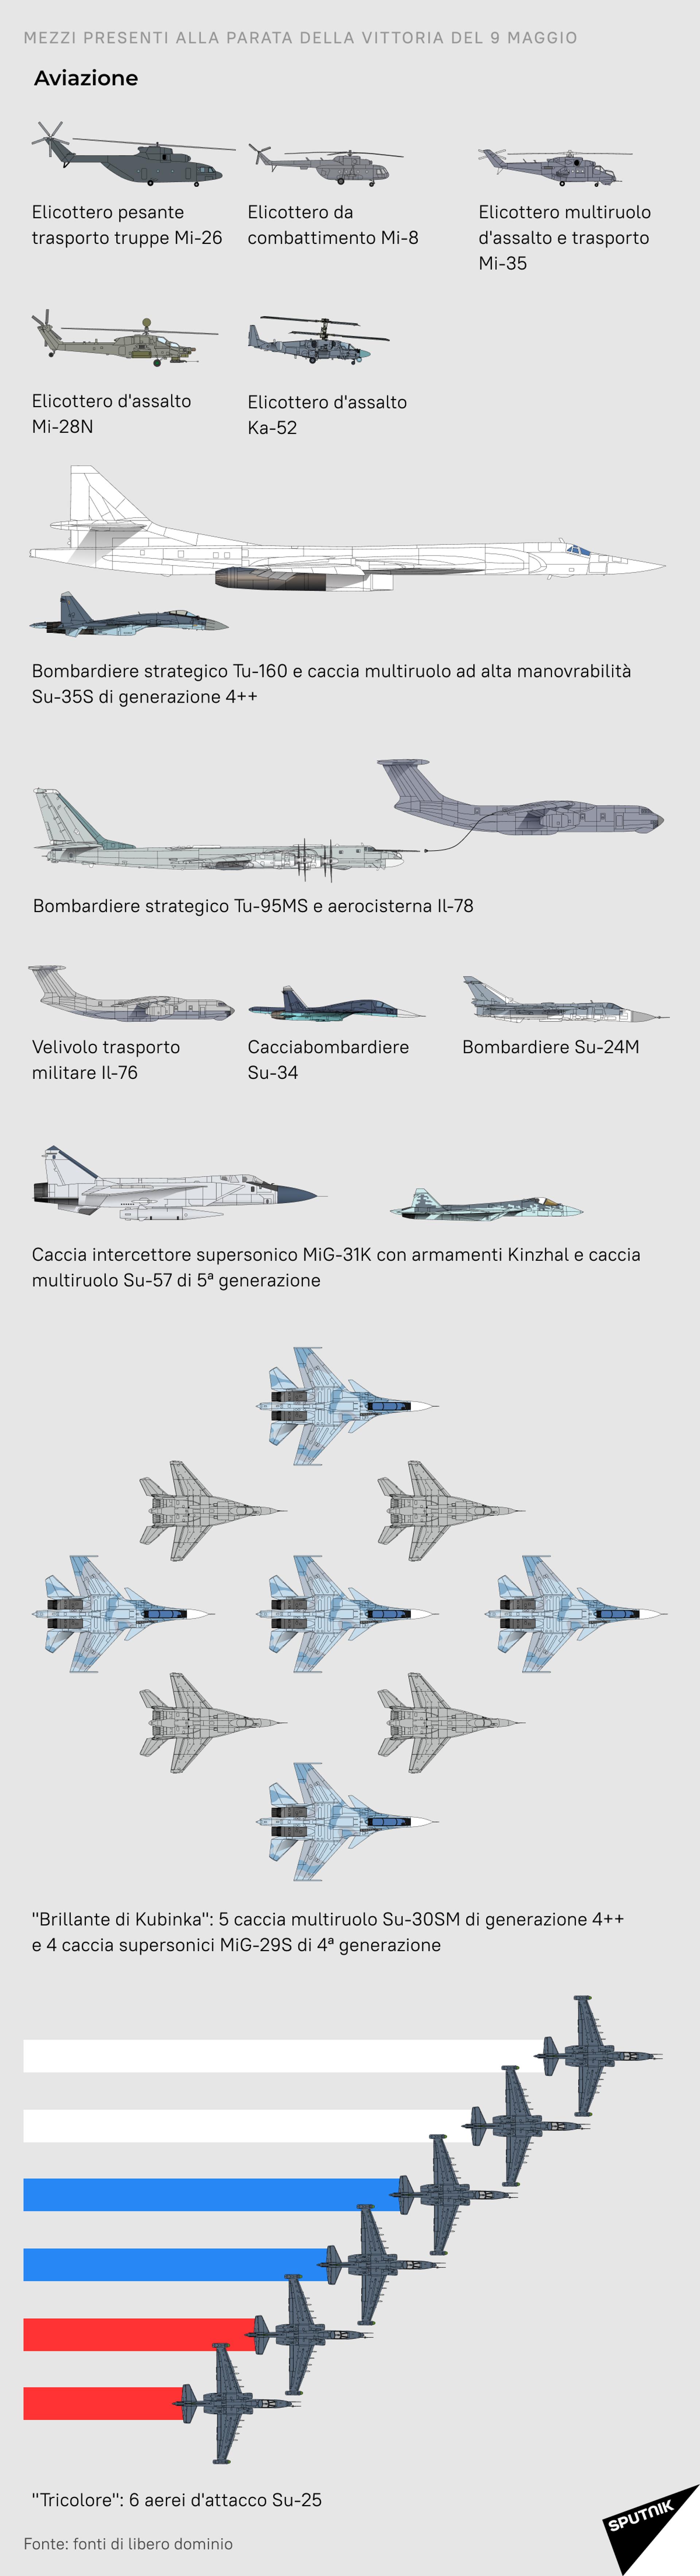 Mezzi dell'Aeronautica Militare che prenderanno parte alla Parata militare del 9 maggio - Sputnik Italia, 1920, 18.05.2021